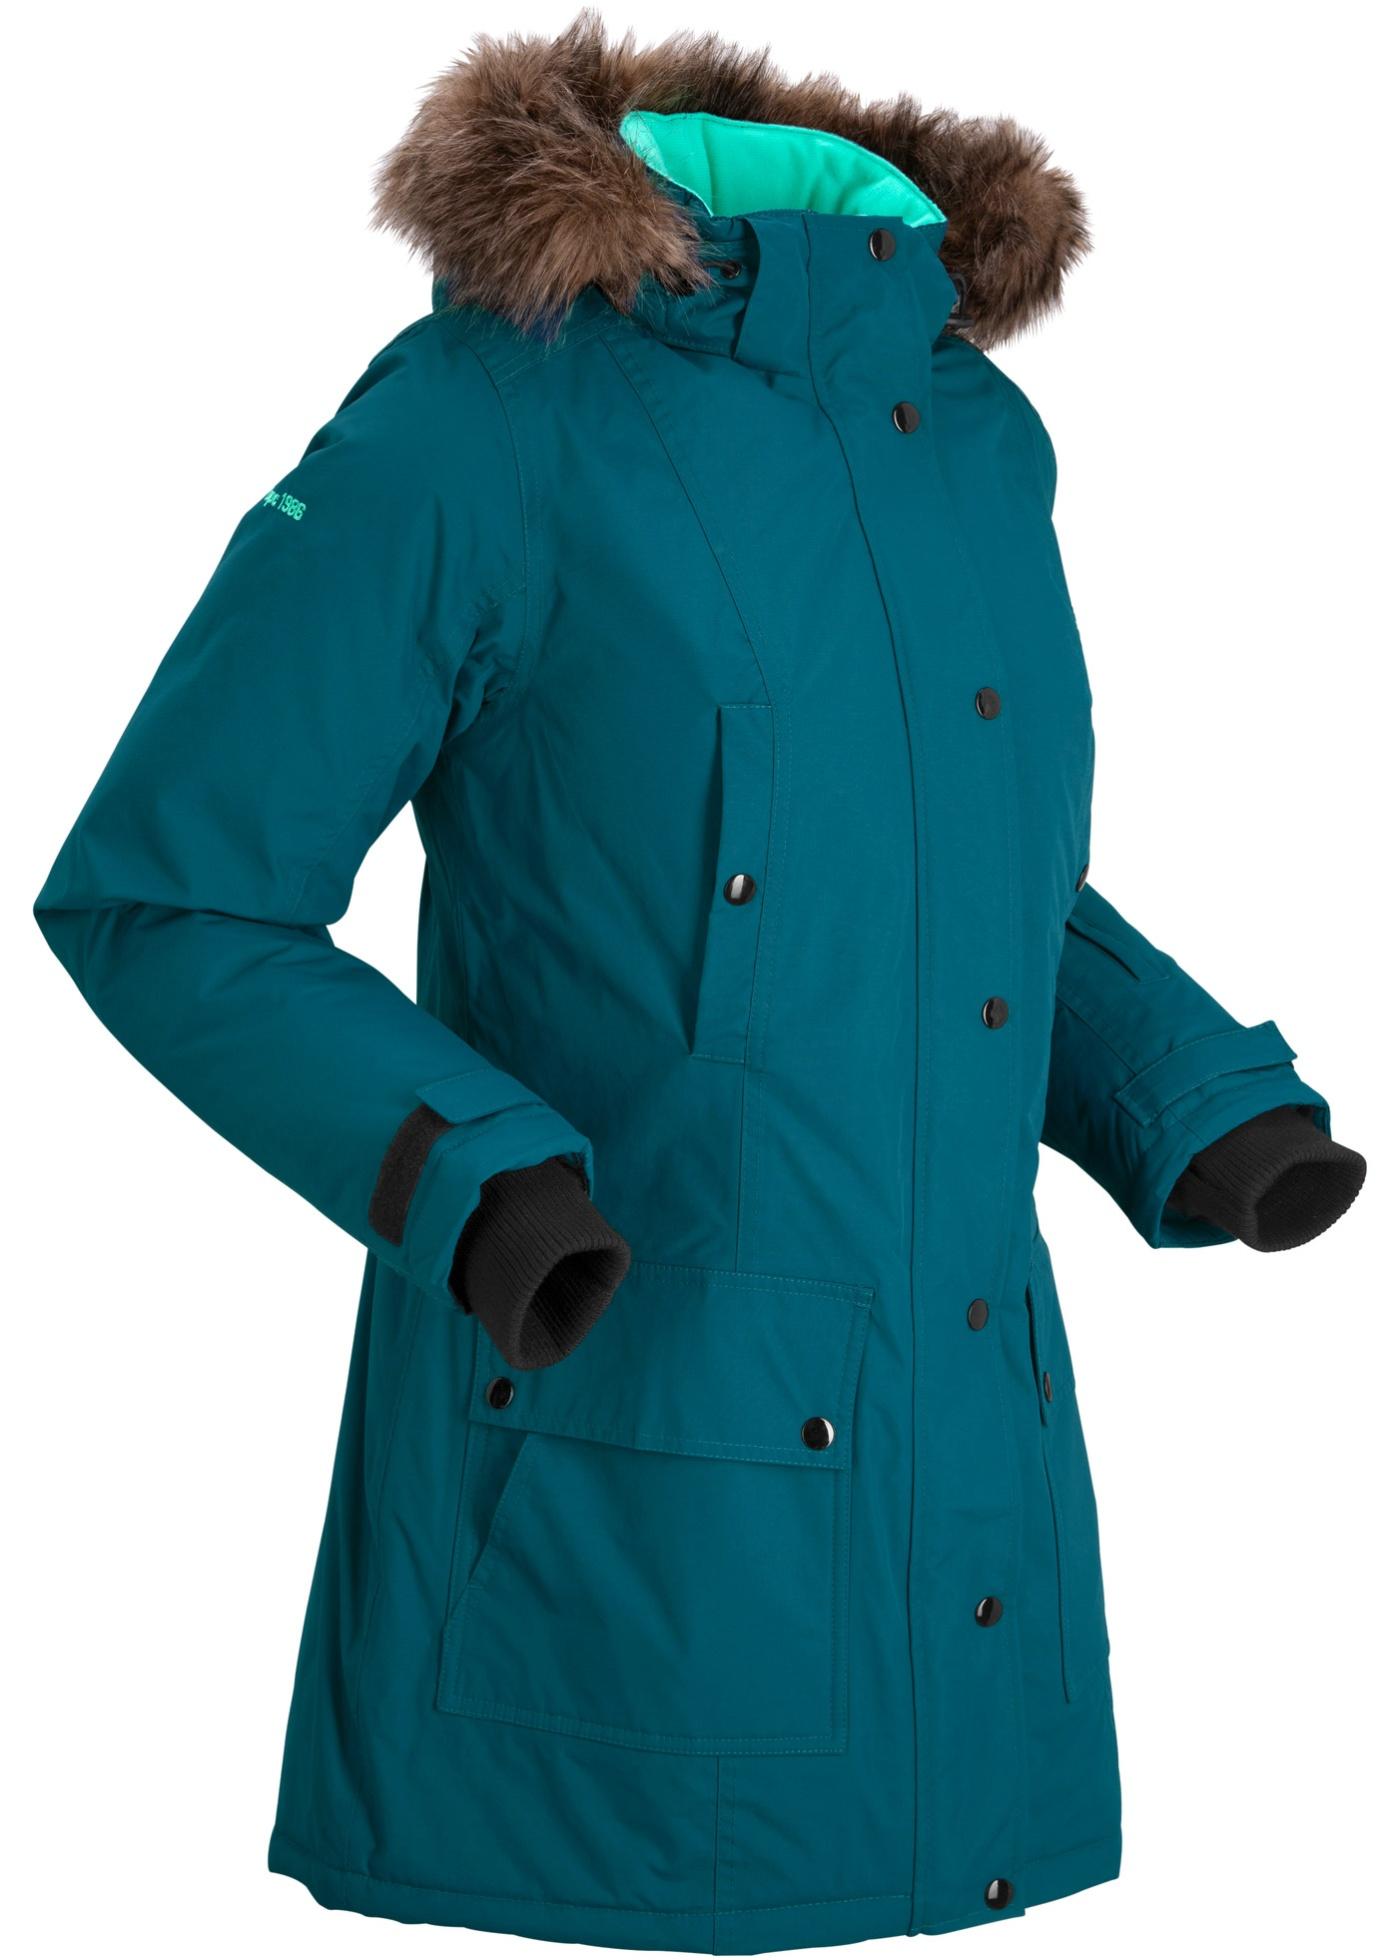 Veste fonctionnelle outdoor à capuche